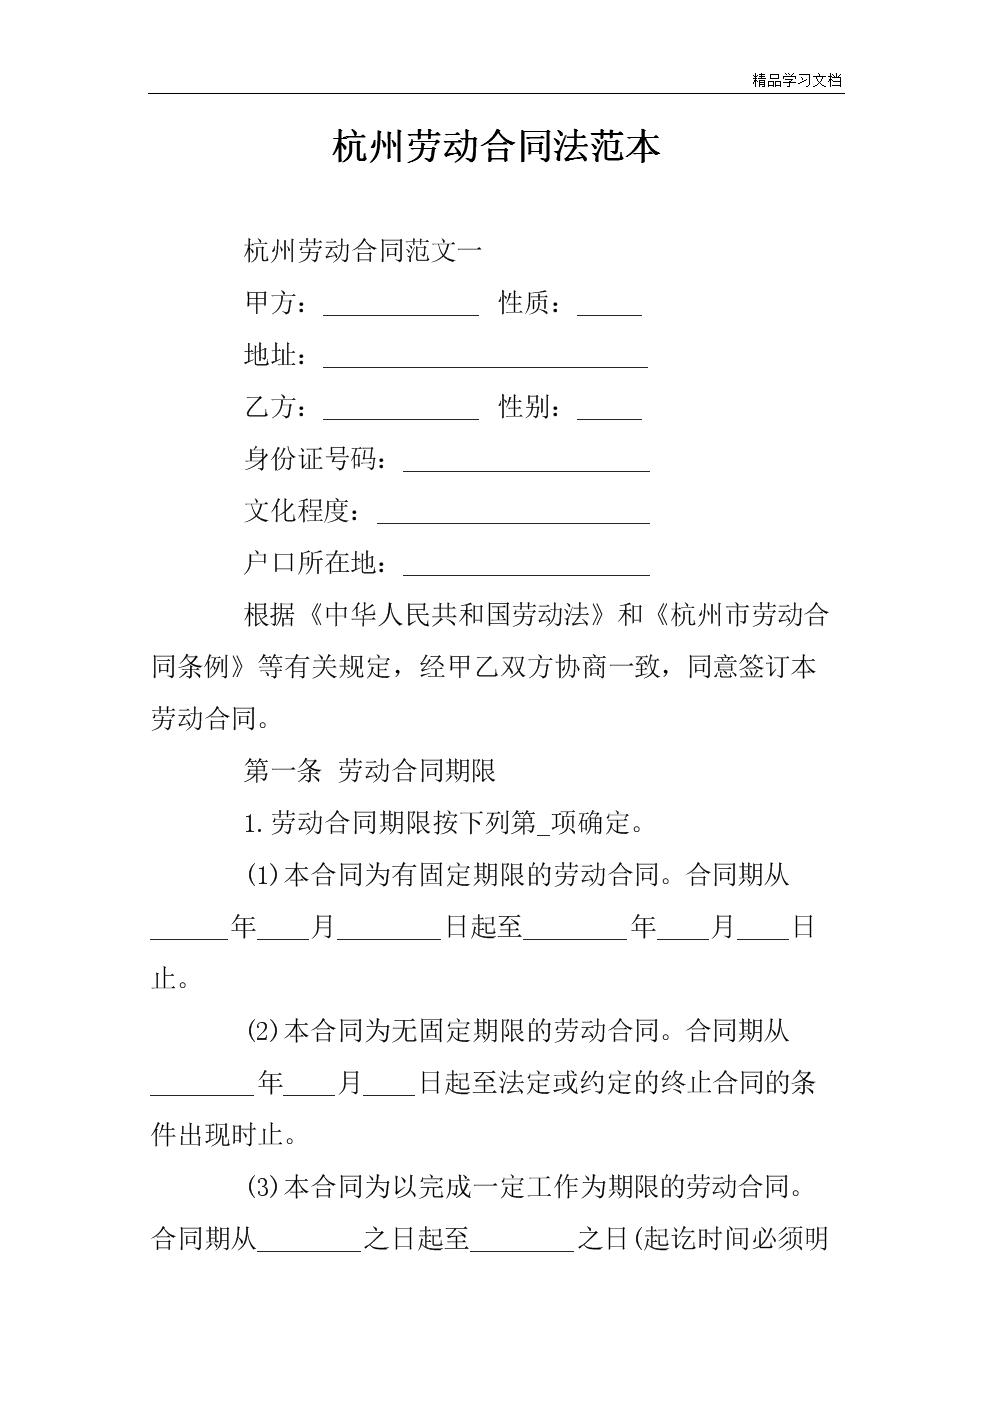 2019年杭州劳动合同法范本.doc